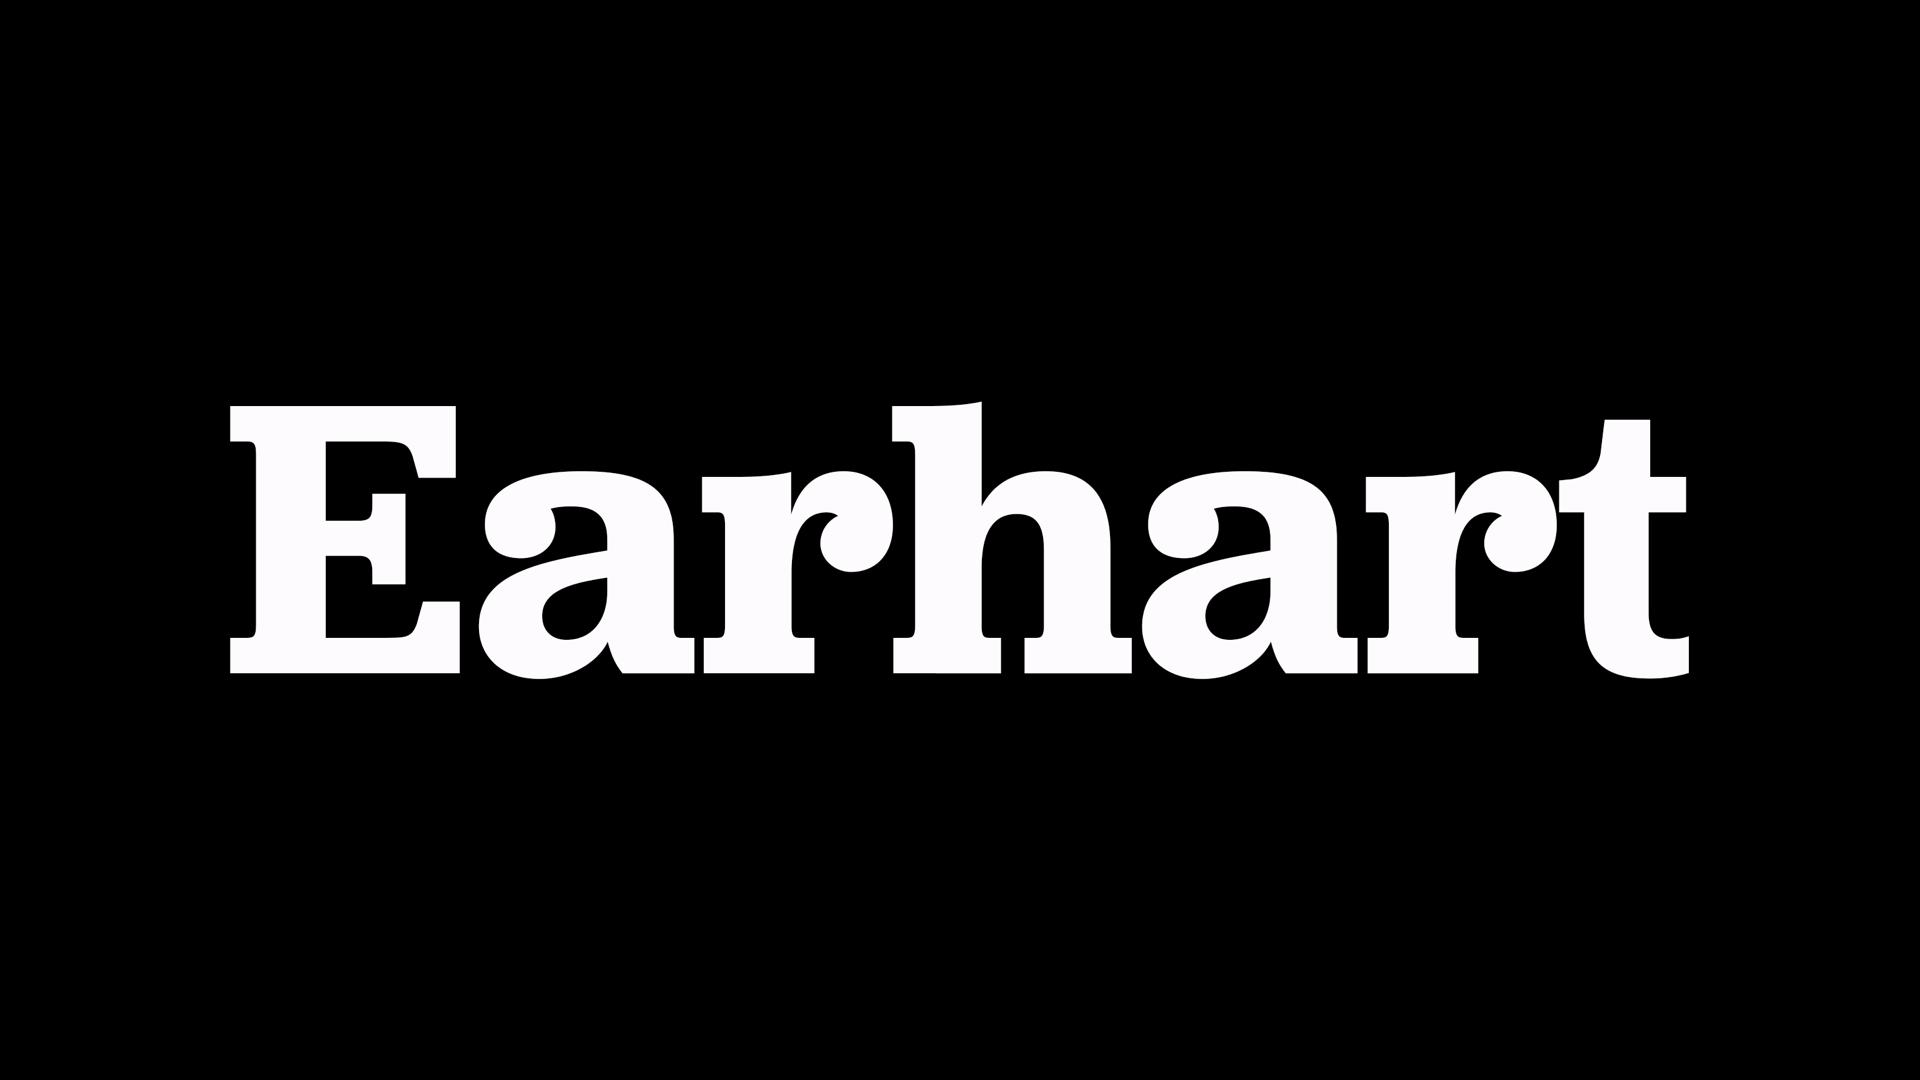 Earhart EPK, Images.001.jpeg